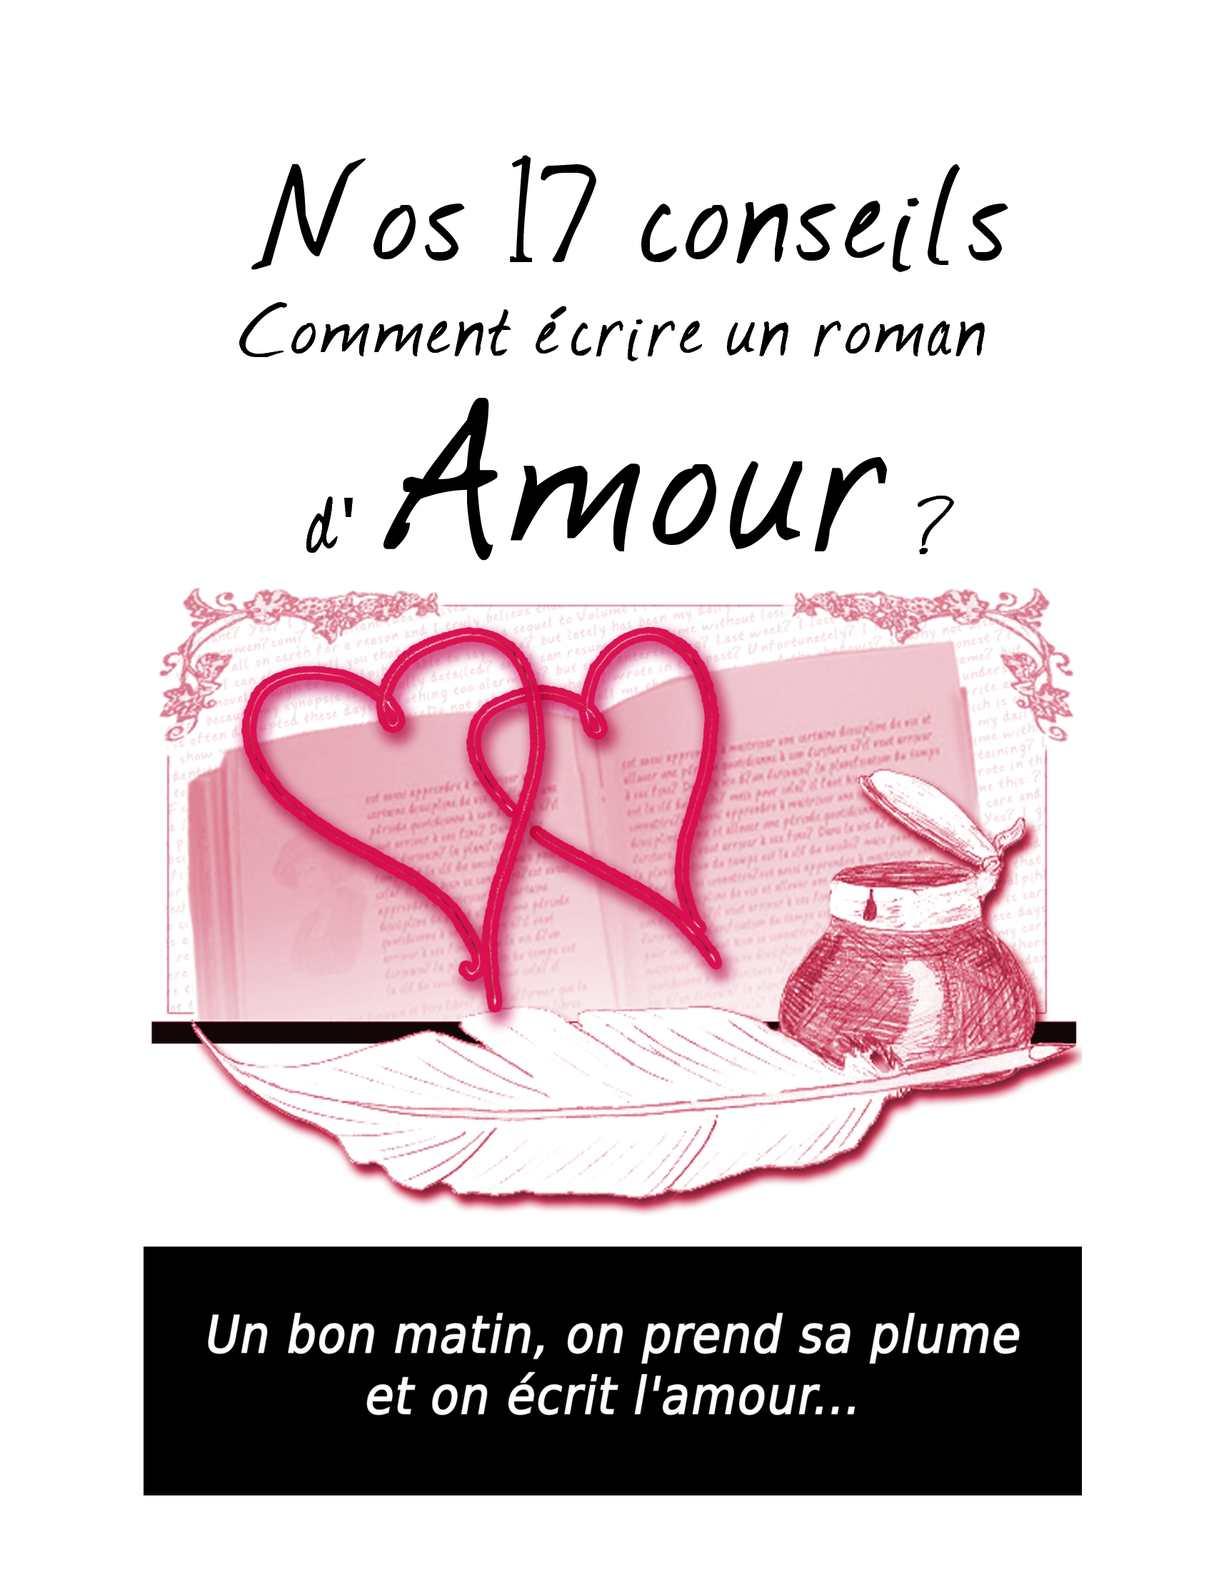 Décrire Une Scène D Amour : décrire, scène, amour, Calaméo, Conseils, Comment, écrire, Roman, D'Amour